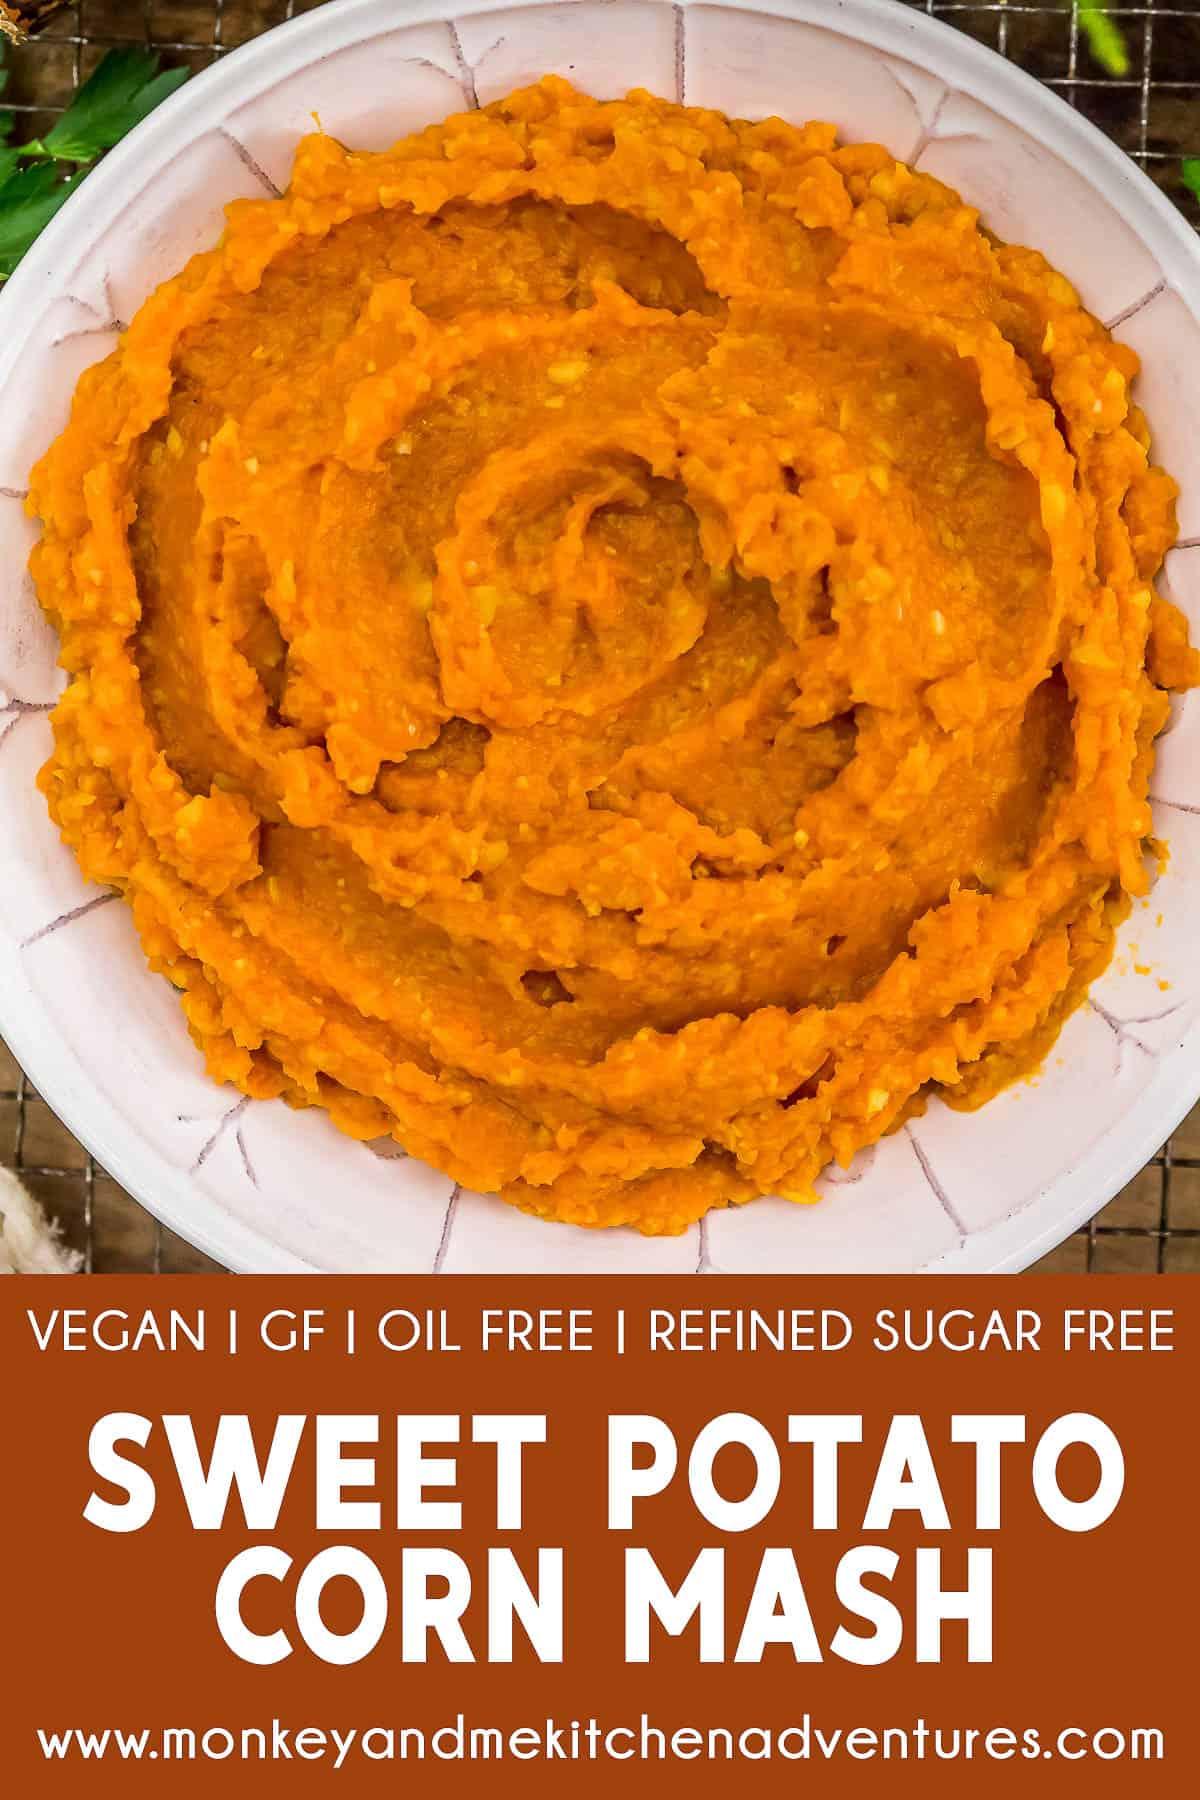 Sweet Potato Corn Mash with text description